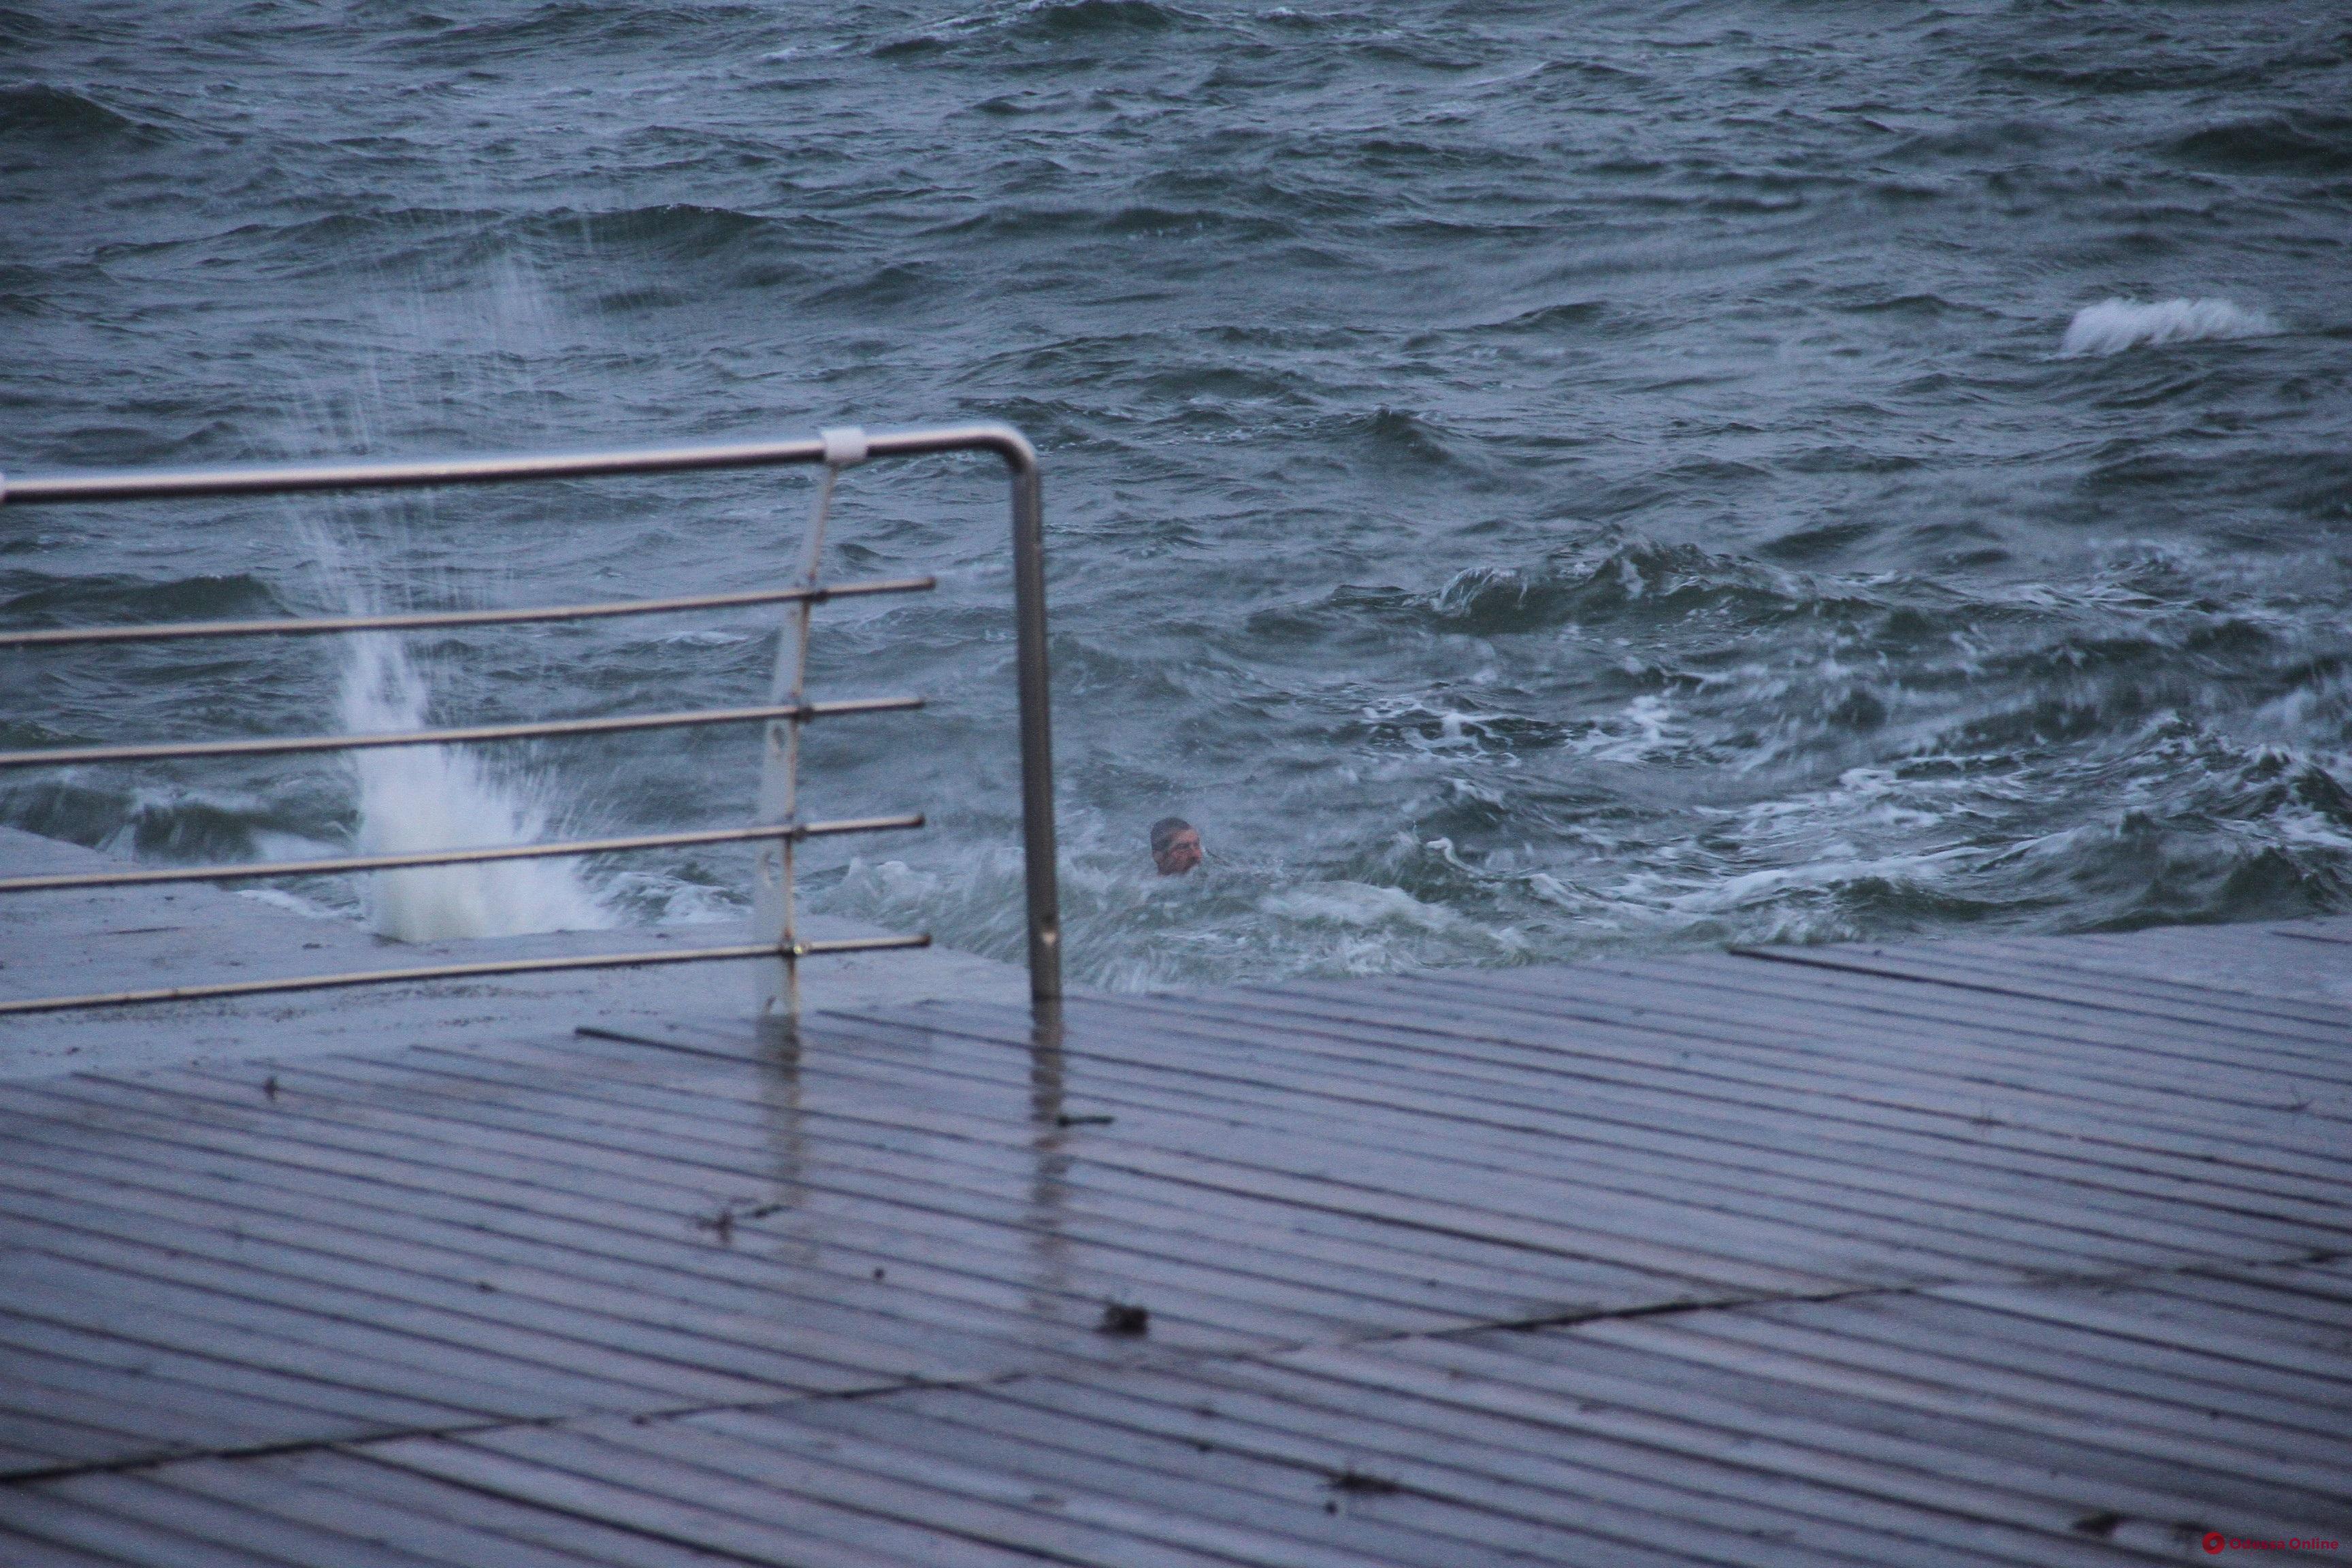 На Ланжероне пьяный мужчина пошел купаться в шторм и не смог выбраться (видео)